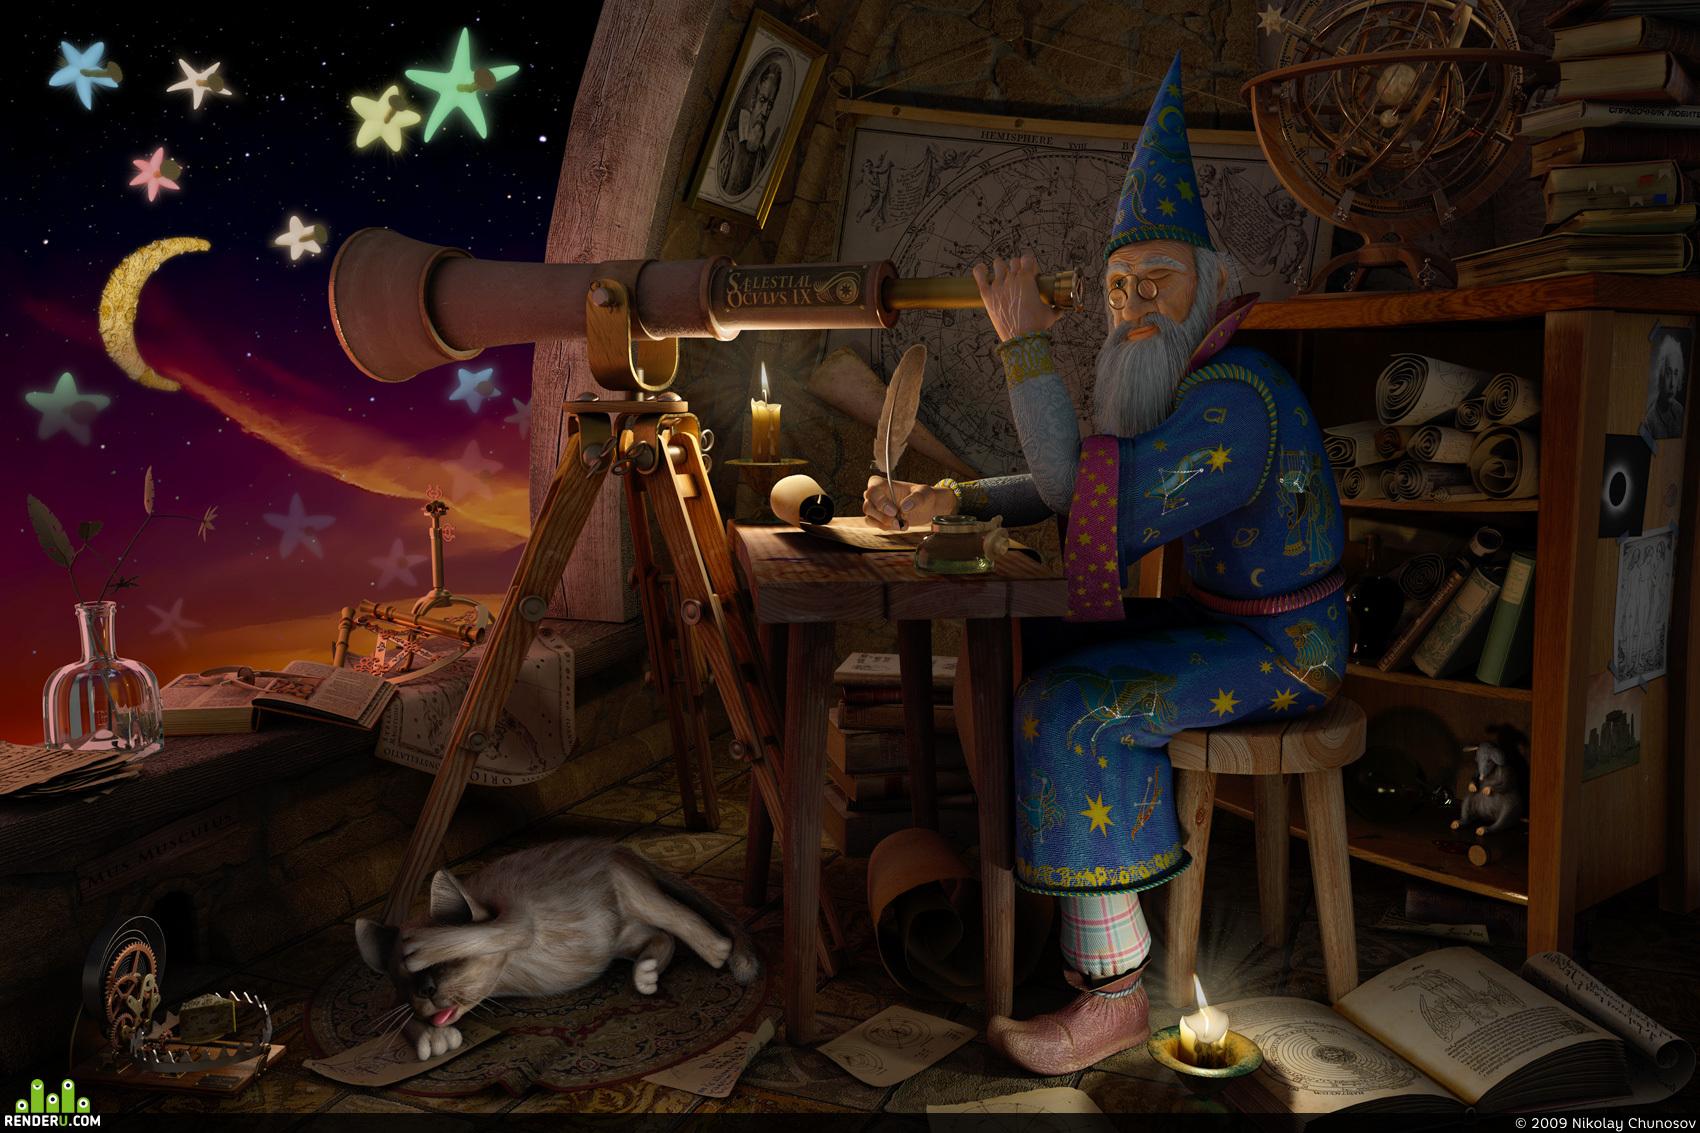 сублимационная картинки волшебника звездочета преследования бандитов, мужик